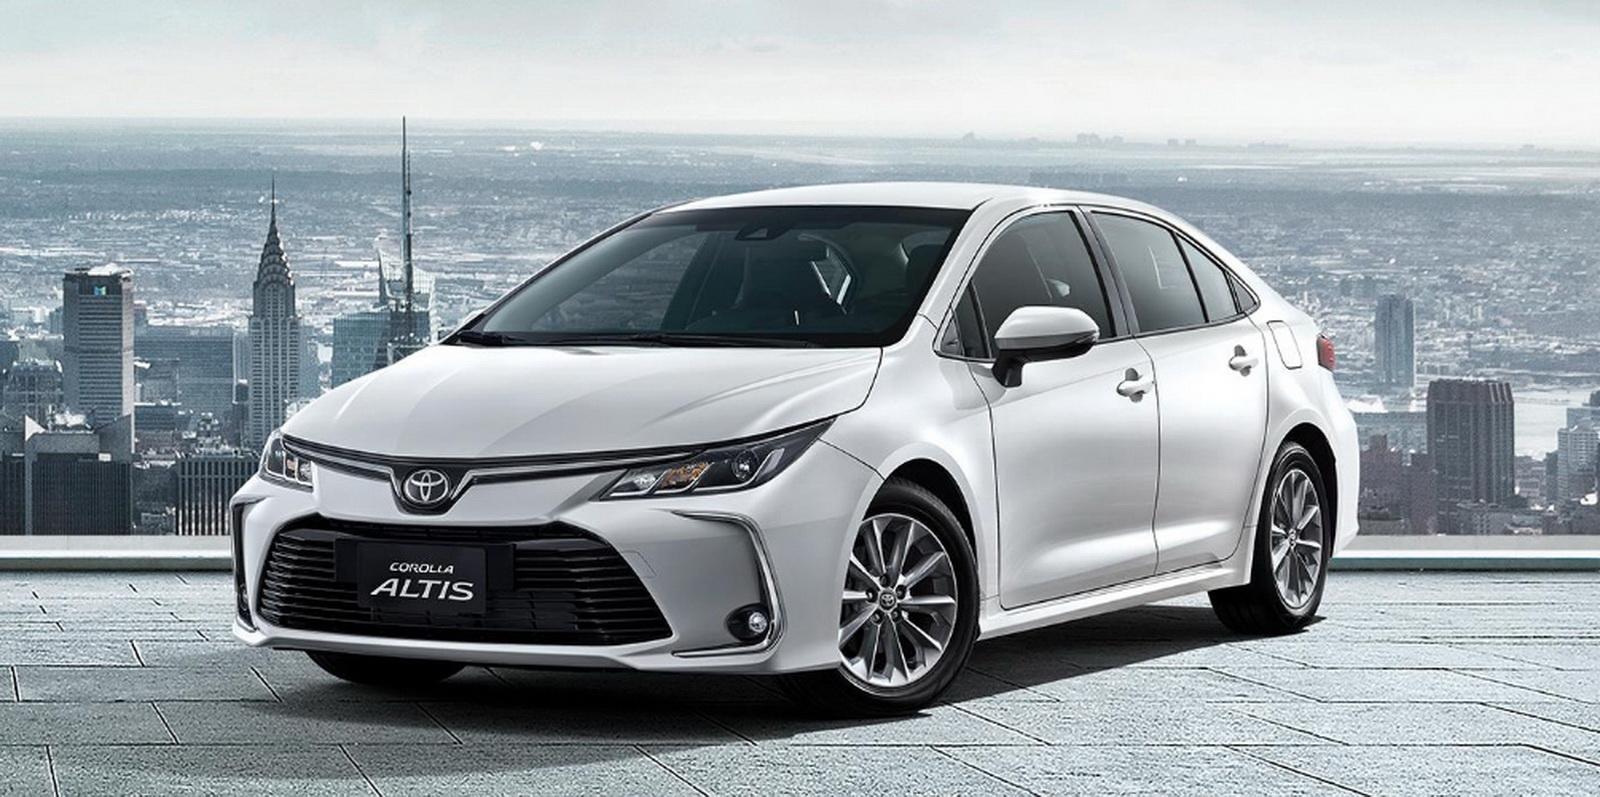 圖/2019年12月臺灣汽車市場銷售報告,Toyota Altis以3,547輛奪冠。